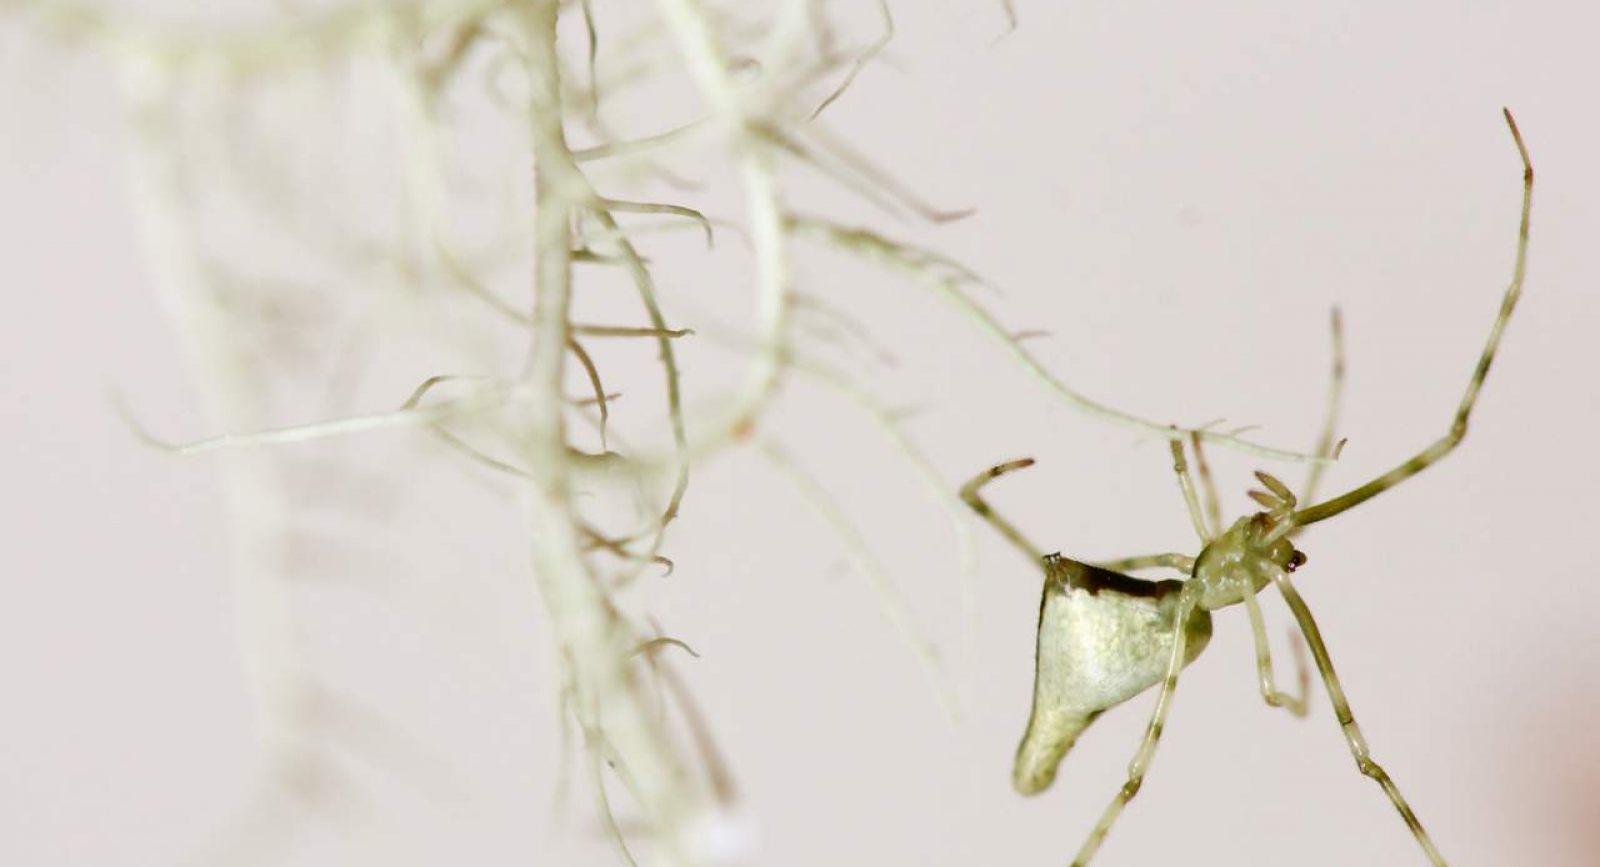 Ariamnes spiders